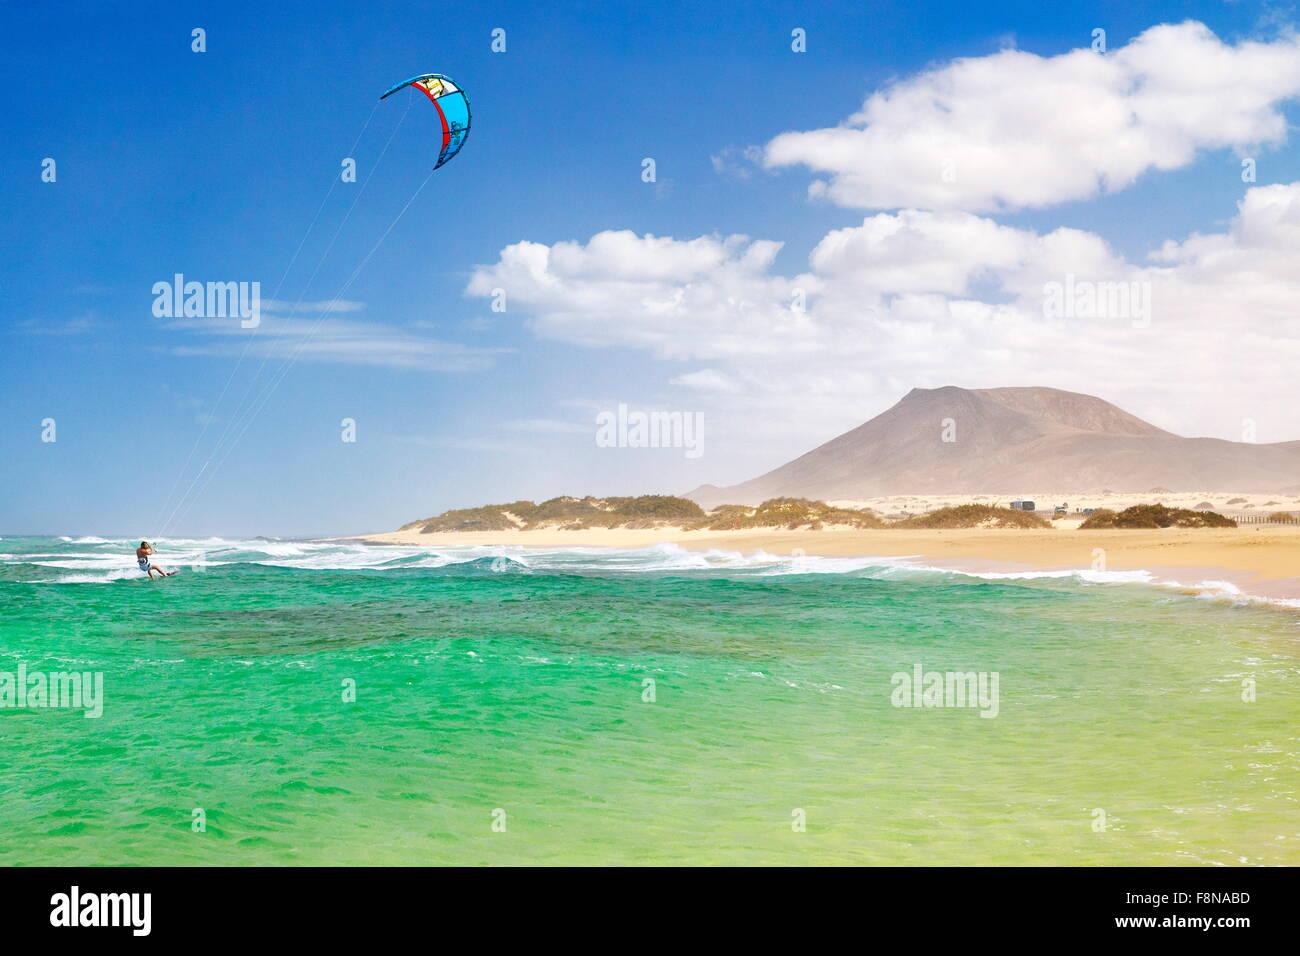 Kitesurfen am Strand in der Nähe von Corralejo, Insel Fuerteventura, Kanarische Inseln, Spanien Stockbild